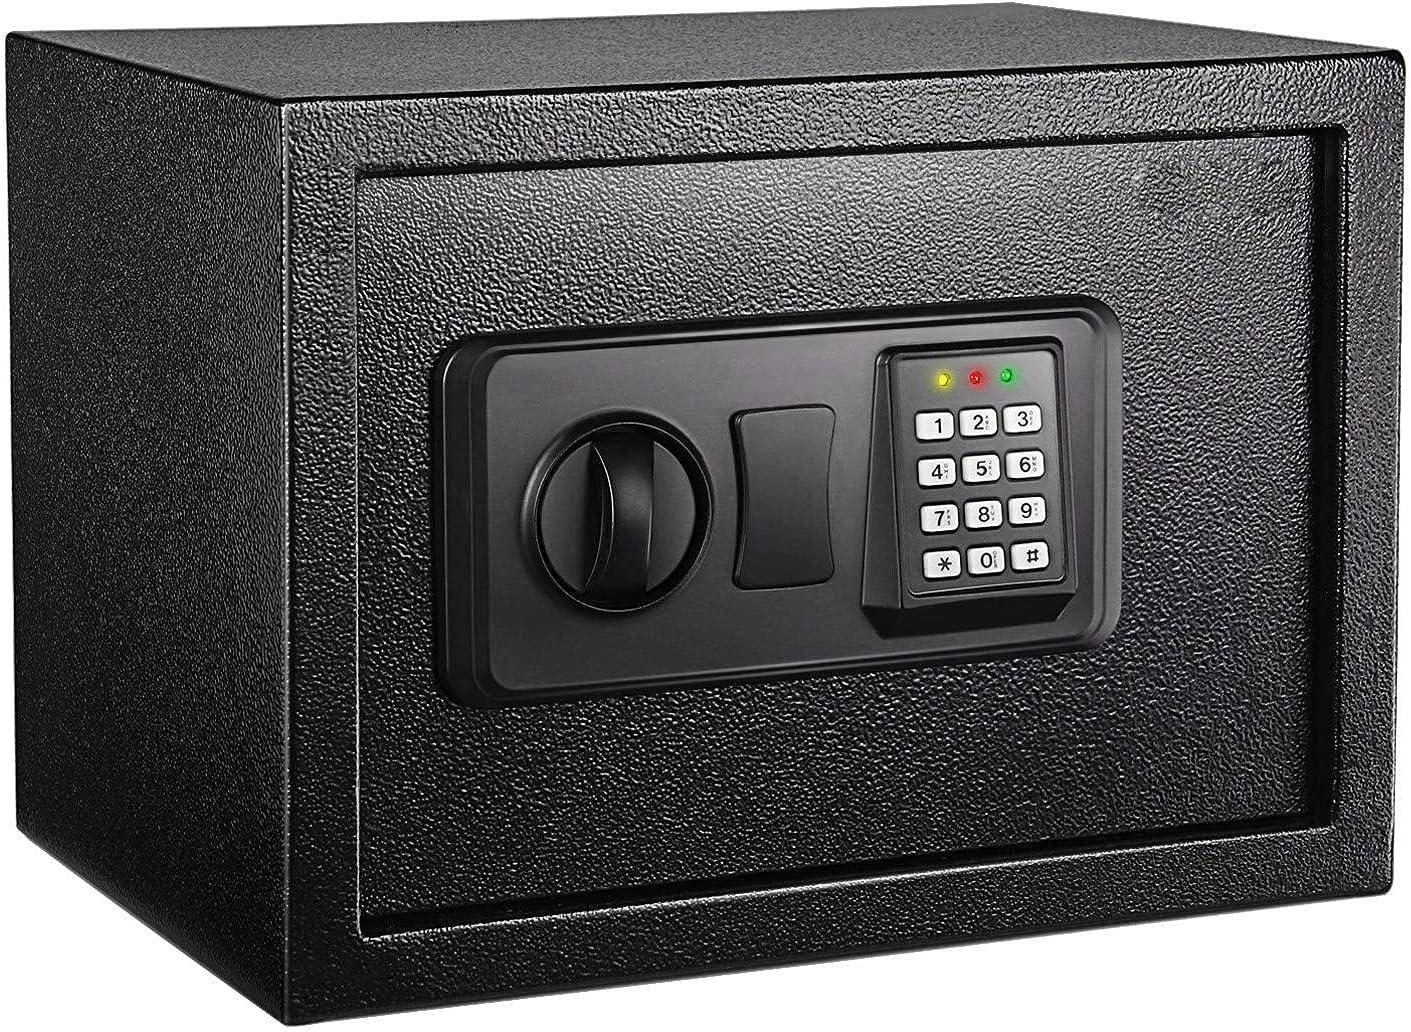 Caja fuerte con cerradura electrónica y llave de emergencia por 43,49€ usando el #código: SLN5USD3